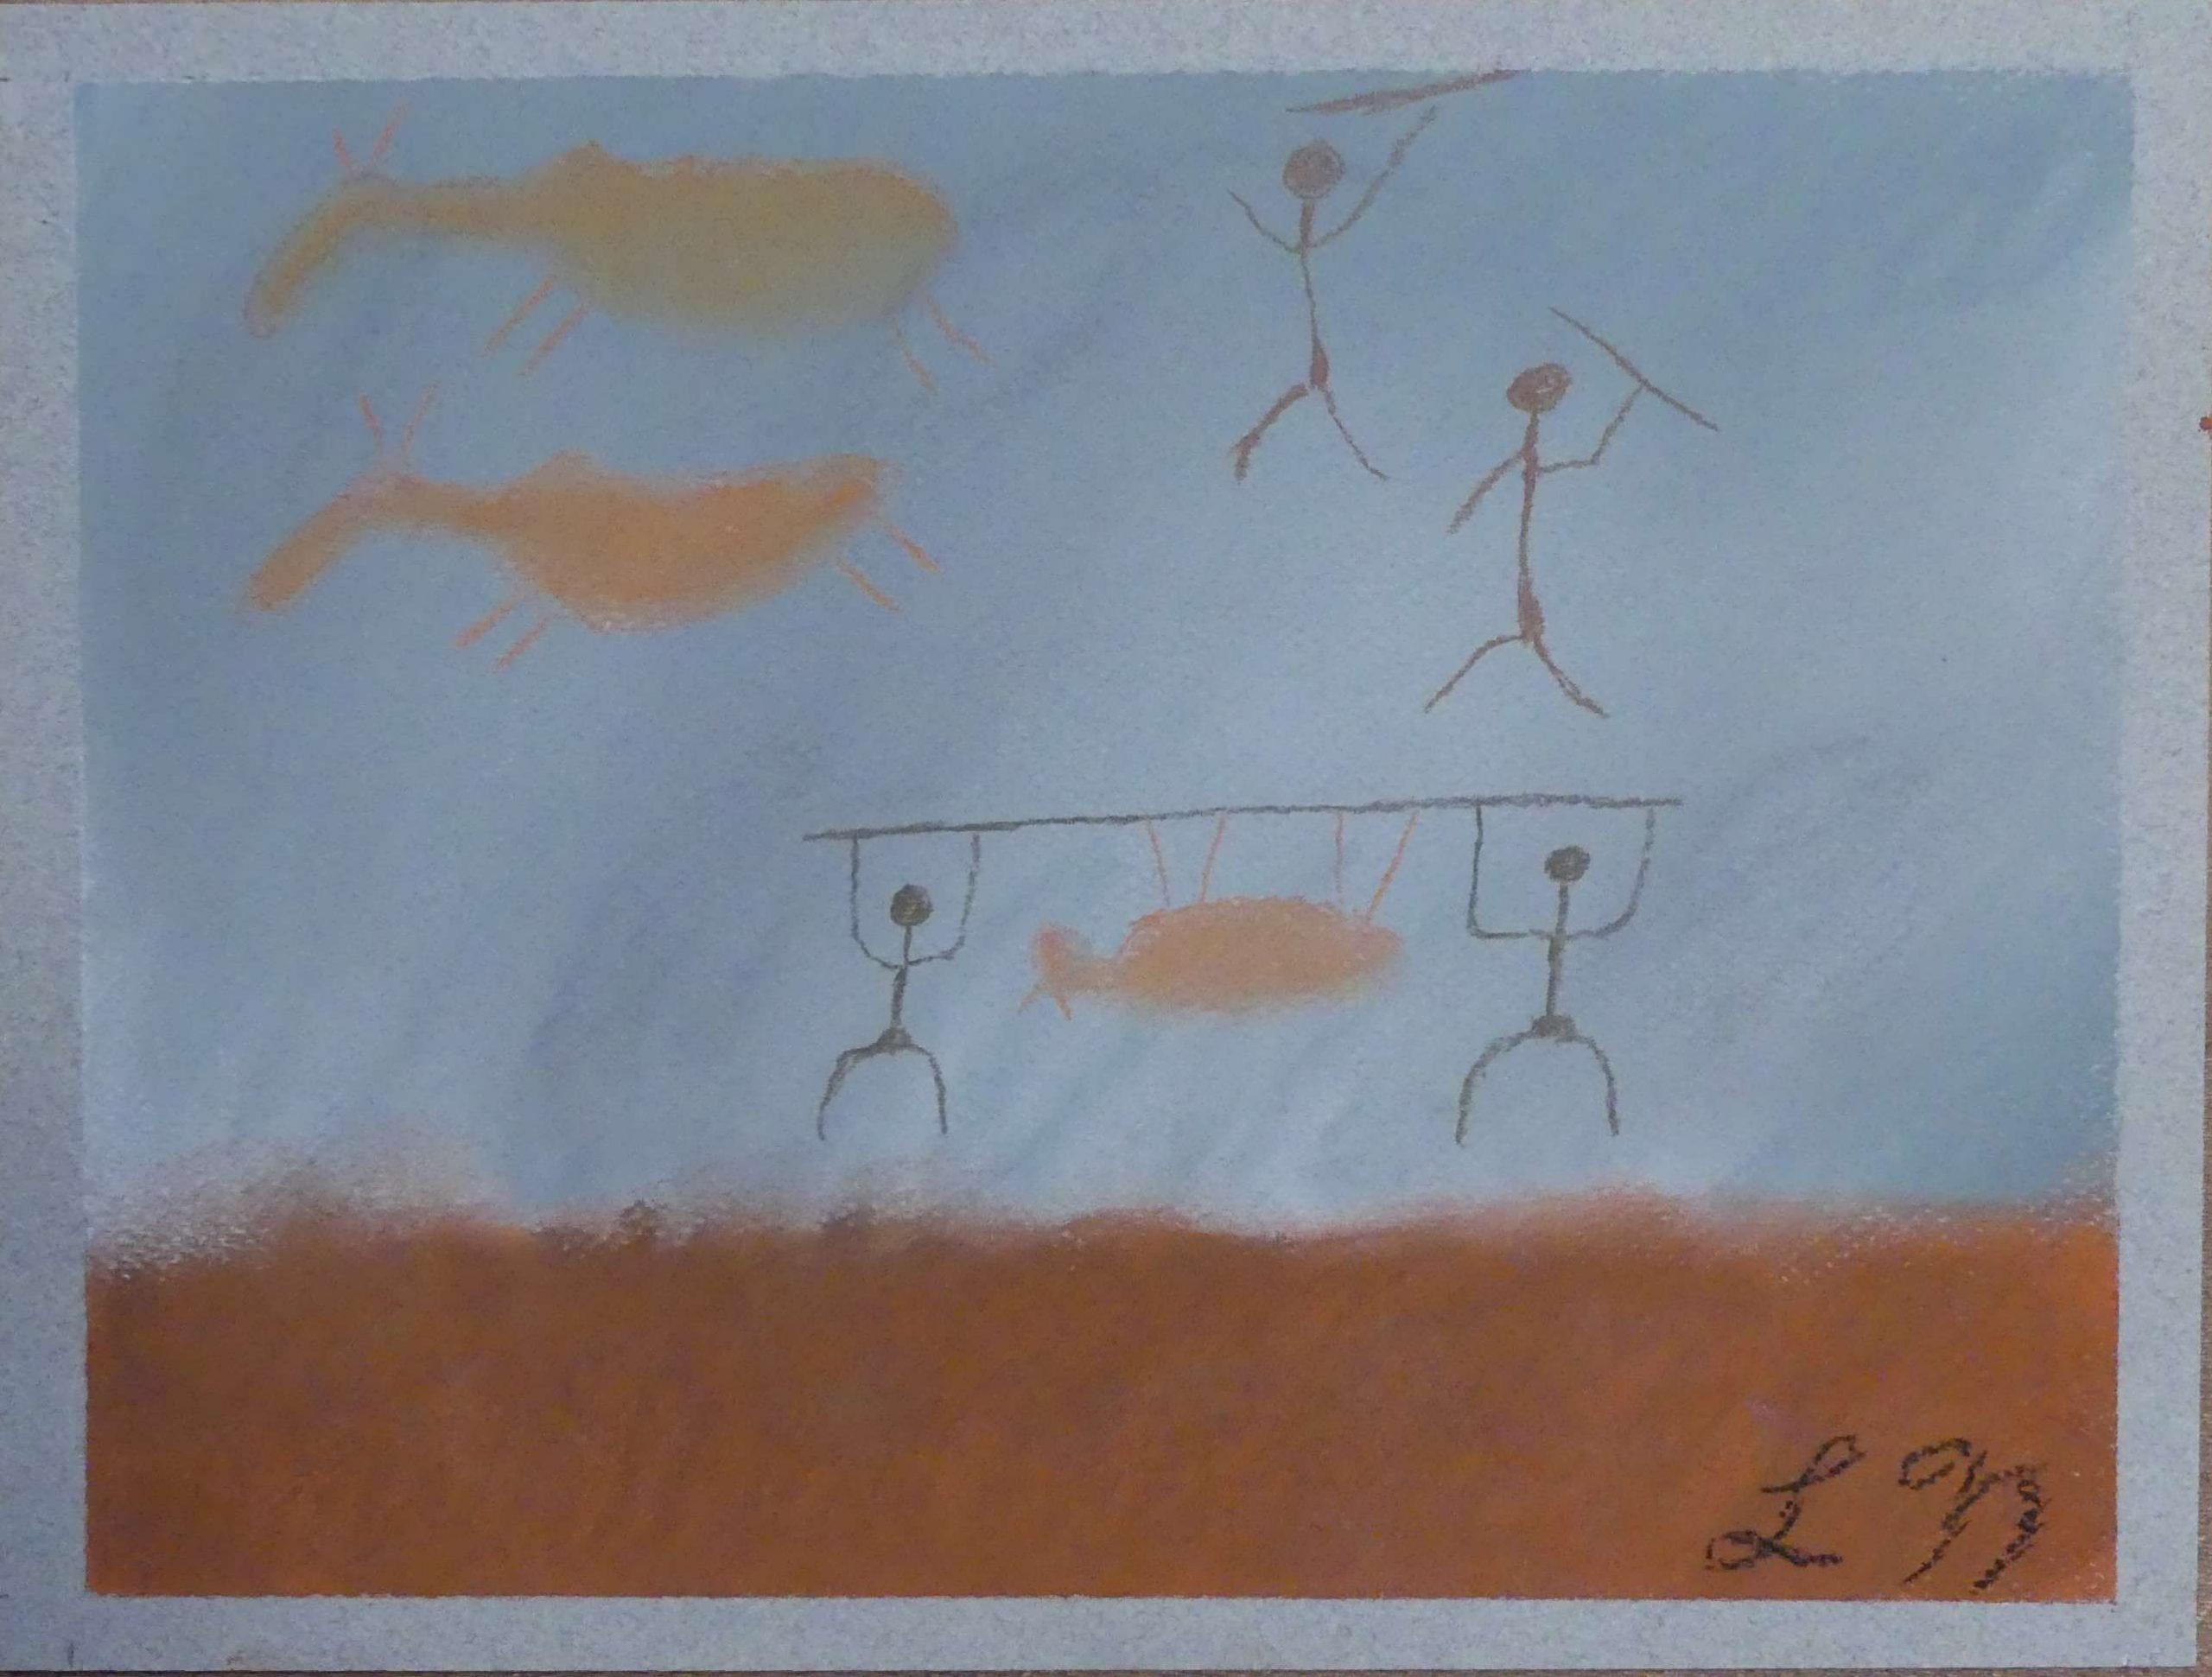 """<span style=""""color: #ff0000;""""><a style=""""color: #ff0000;"""" href=""""mailto:lucnadon7@gmail.com?subject=Défi 15 dessins 15 semaines - La chasse préhistorique""""> Contacter l'artiste</a></span> Luc Nadon - La chasse préhistorique 2021 - 50$  (transaction directement avec l'artiste) - Pastel sec sur papier pastel Strathmore 118g, encadrement mural - 9x12 po"""